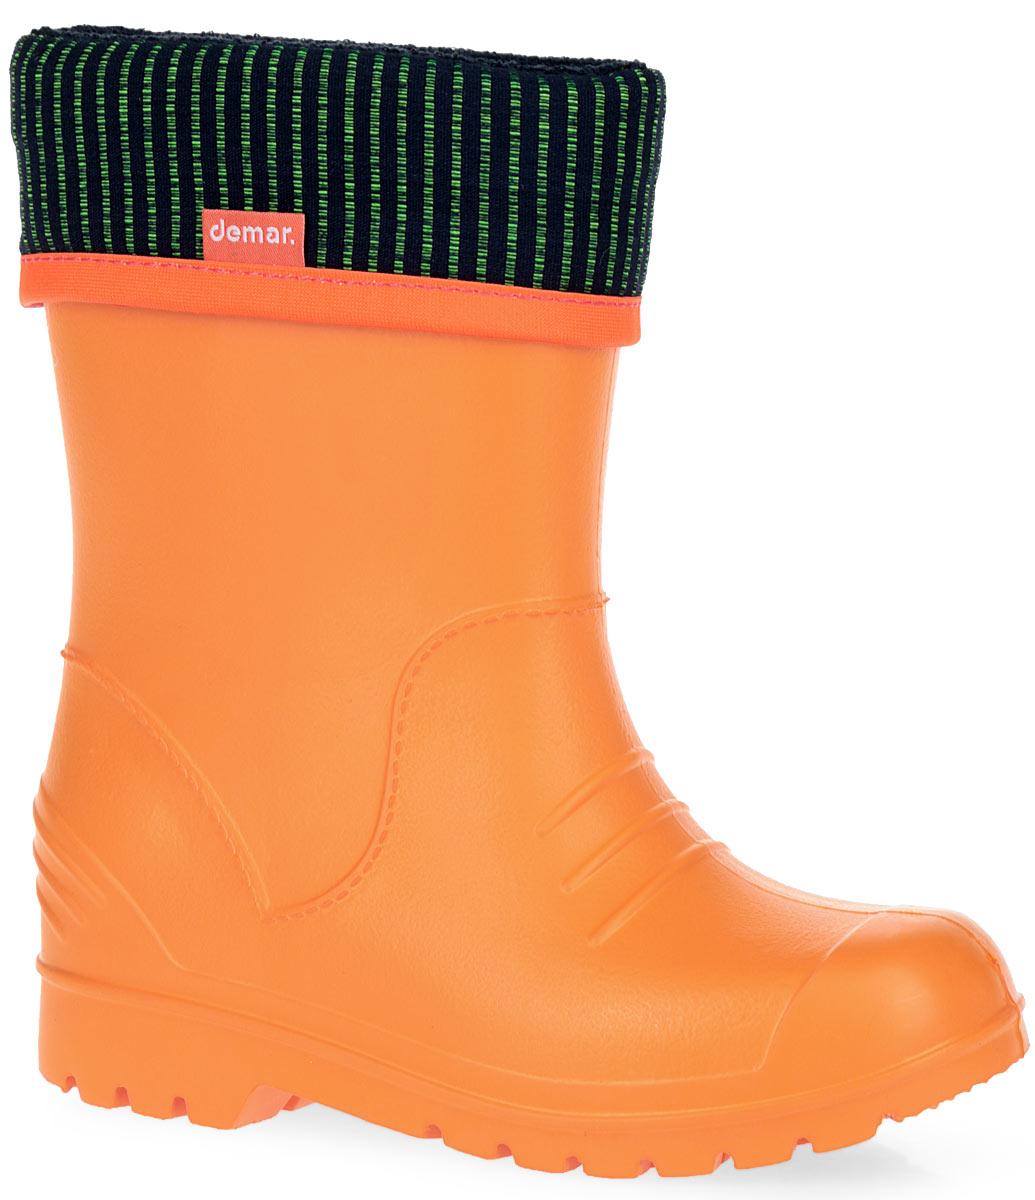 0310_DINOПрактичные резиновые сапоги Dino от Demar придутся по душе вашему ребенку. Модель изготовлена из качественного вспененного полимера. Главным преимуществом резиновых сапожек является наличие съемного текстильного носка, который можно вынуть и легко просушить. На внешней стороне носка расположен светоотражающий элемент, отвечающий за безопасность ребенка в темное время суток. Подошва с глубоким рисунком протектора обеспечивает отличное сцепление с любой поверхностью. Резиновые сапоги Dino защитят ноги вашего ребенка от намокания в дождливую погоду.